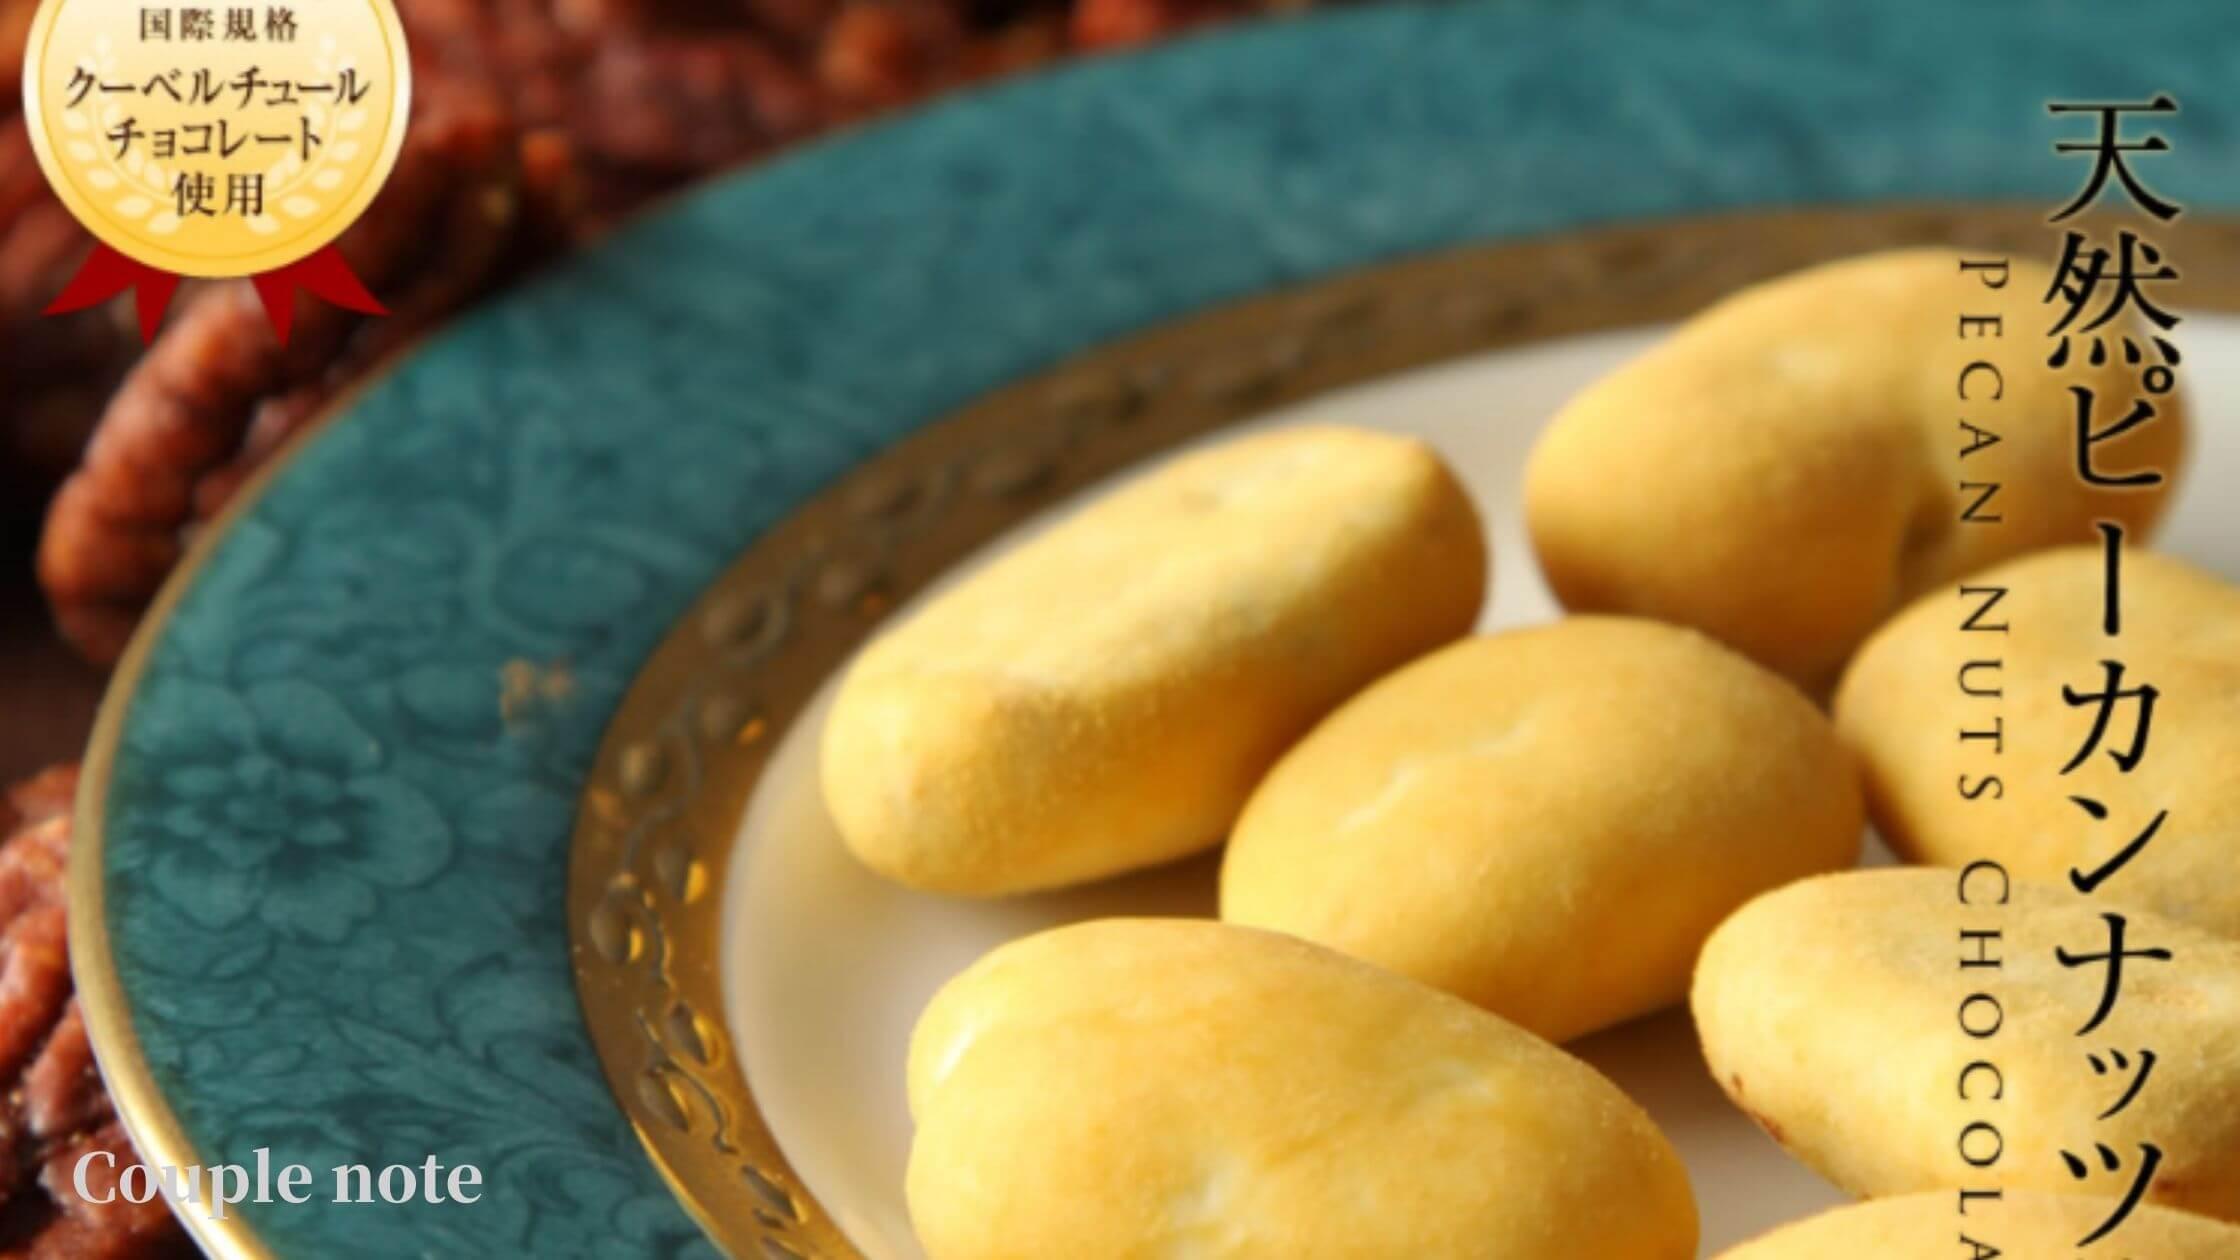 【口コミ】サロンドロワイヤルのピーカンナッツは美味しい?評判を徹底調査